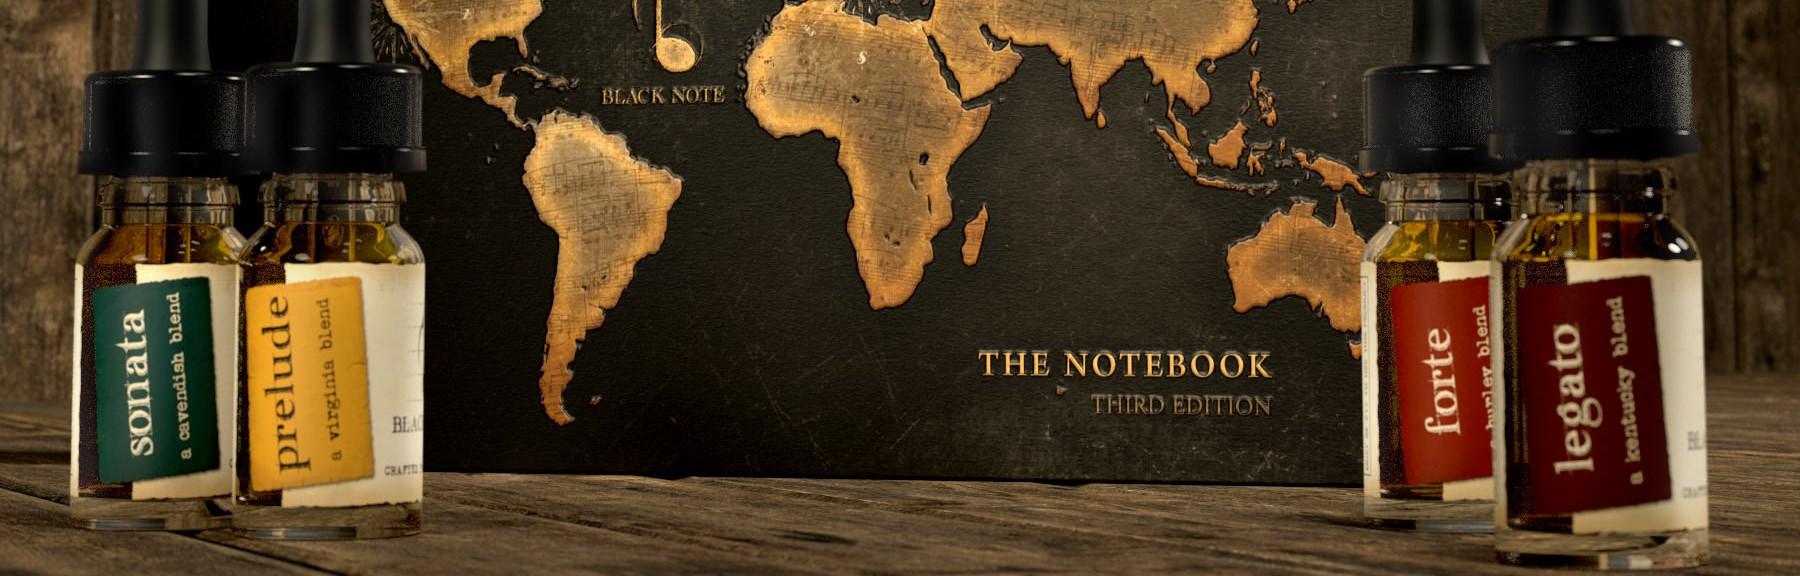 black-note-company-profile